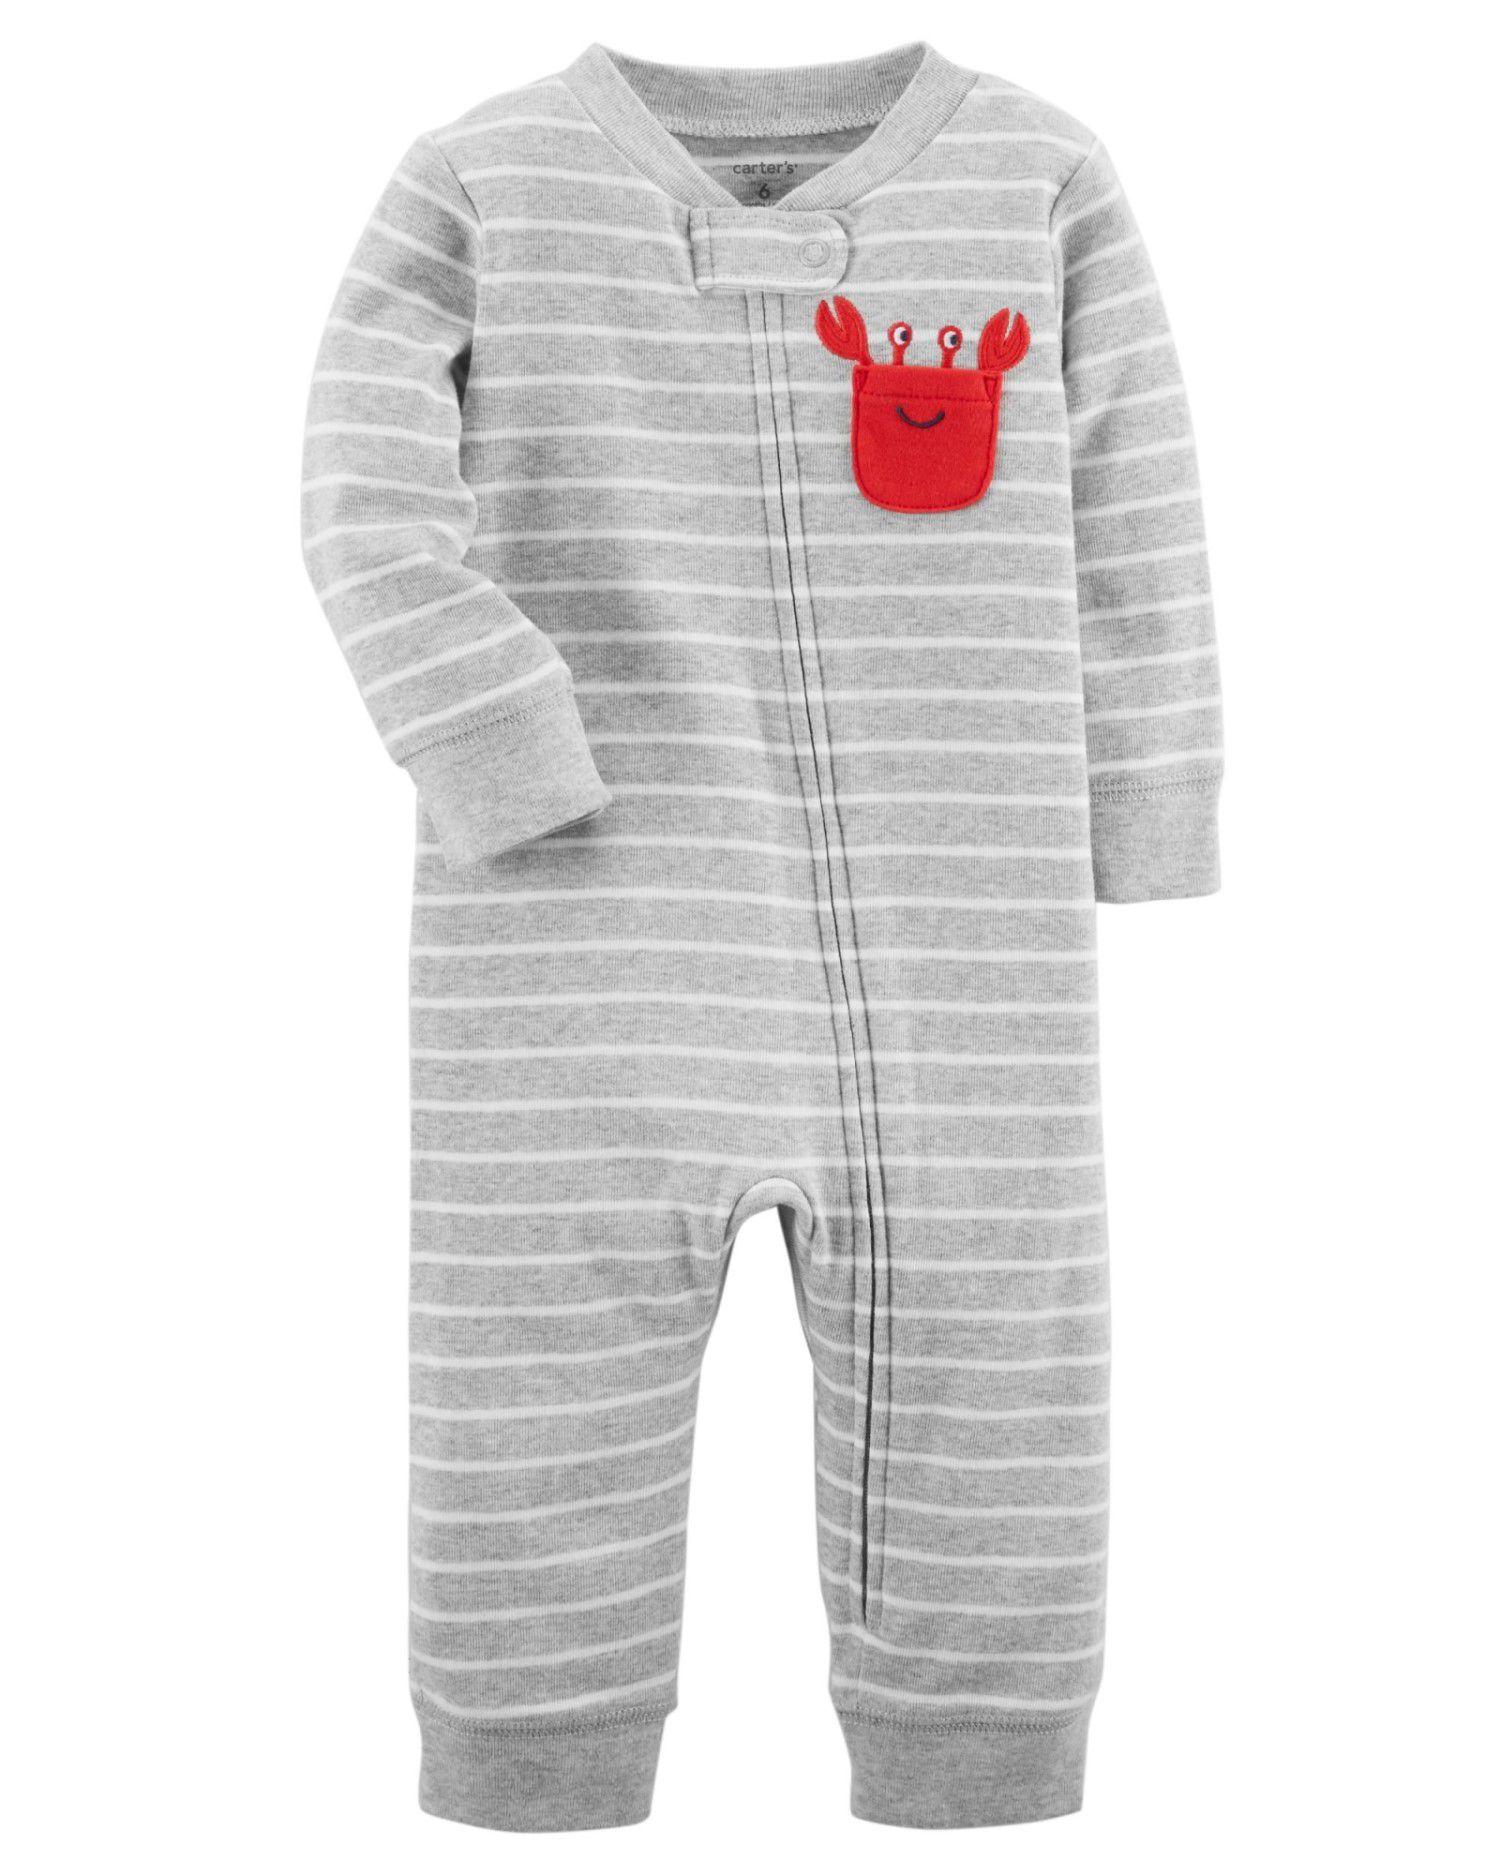 Pijama Carters Sirizinho